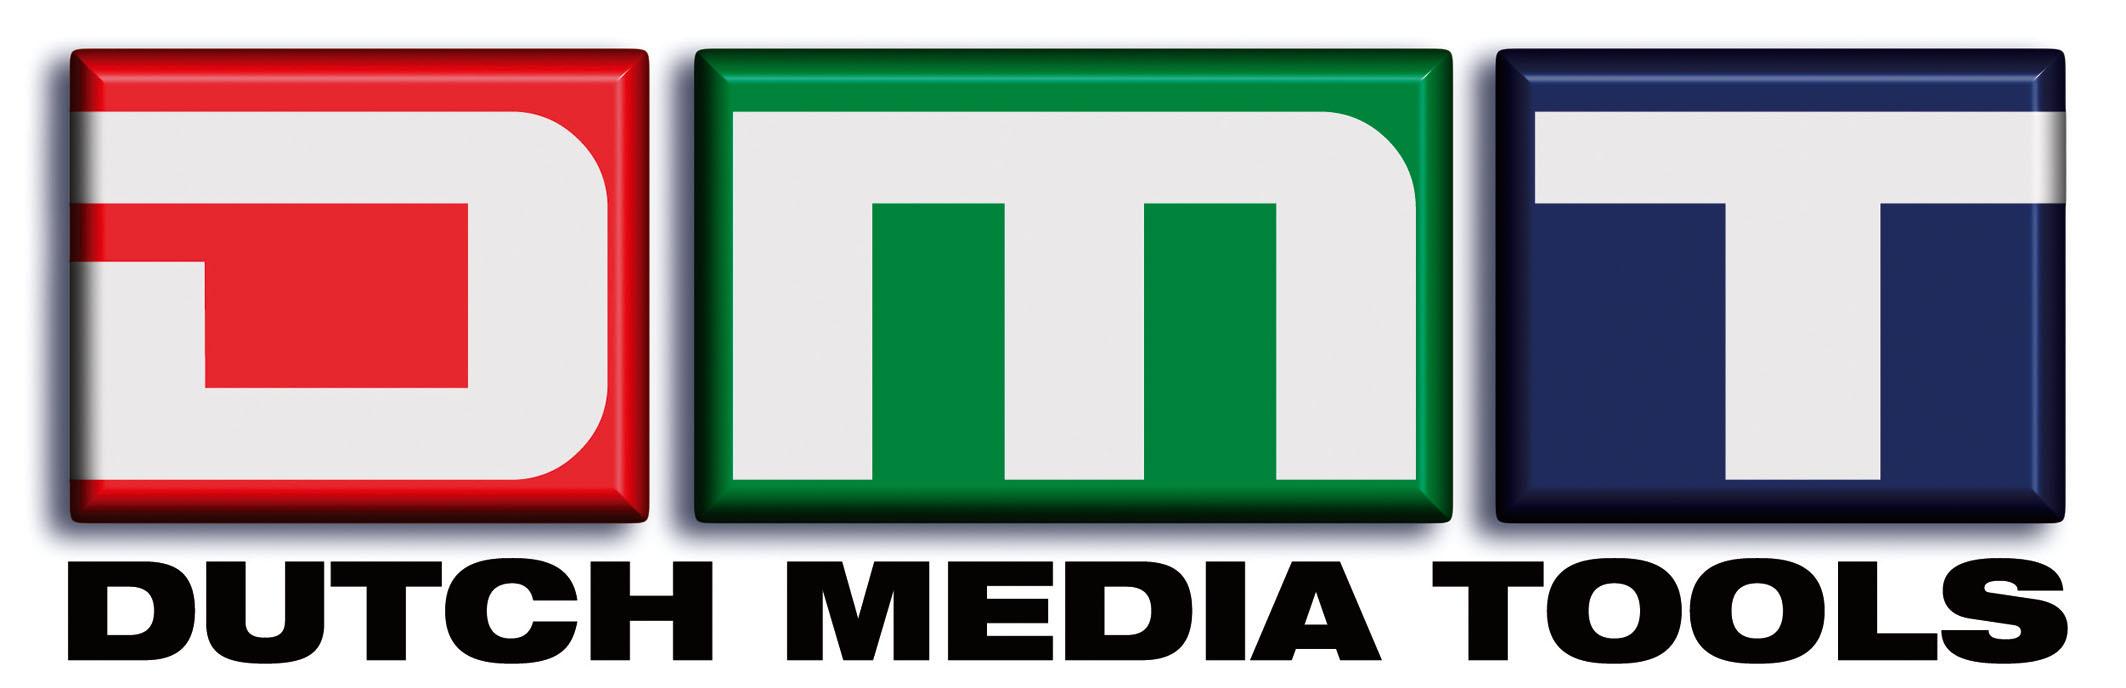 Dutch Media Tools